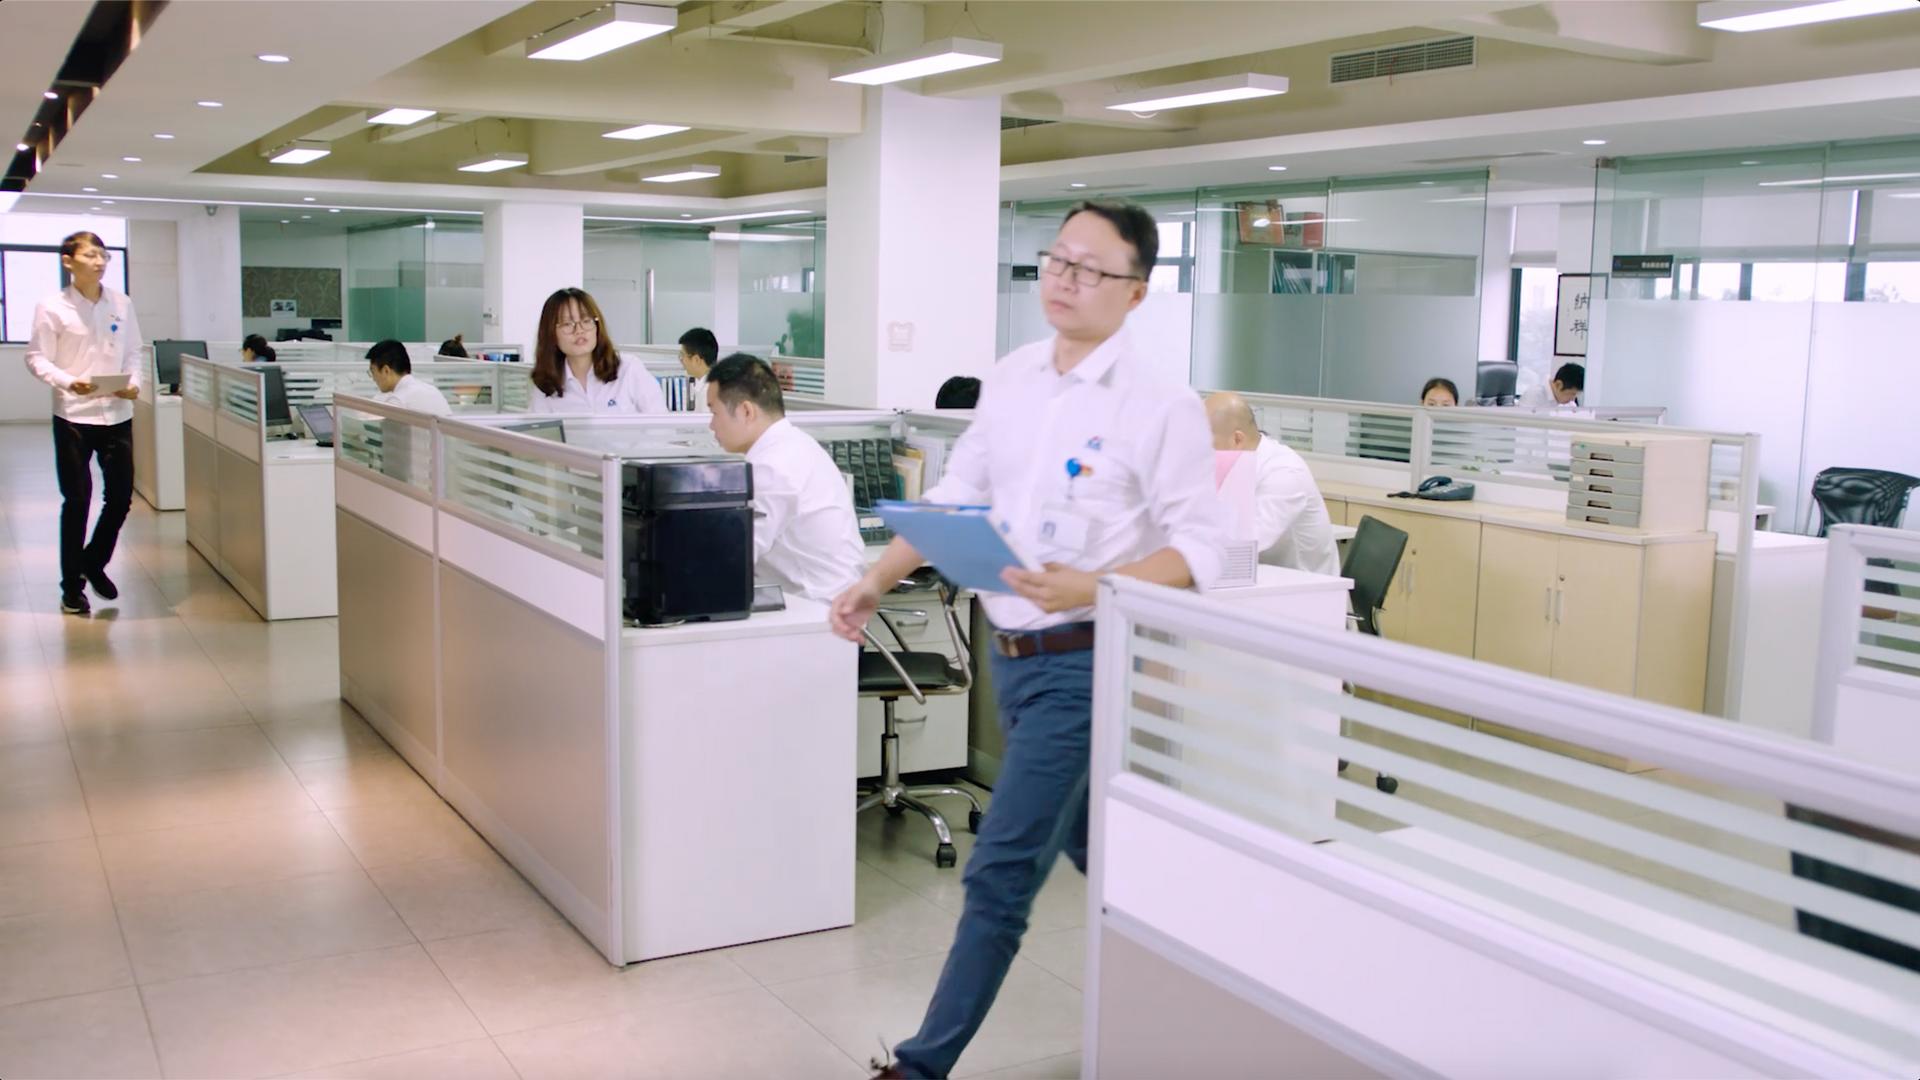 Hua Guang Customer Service